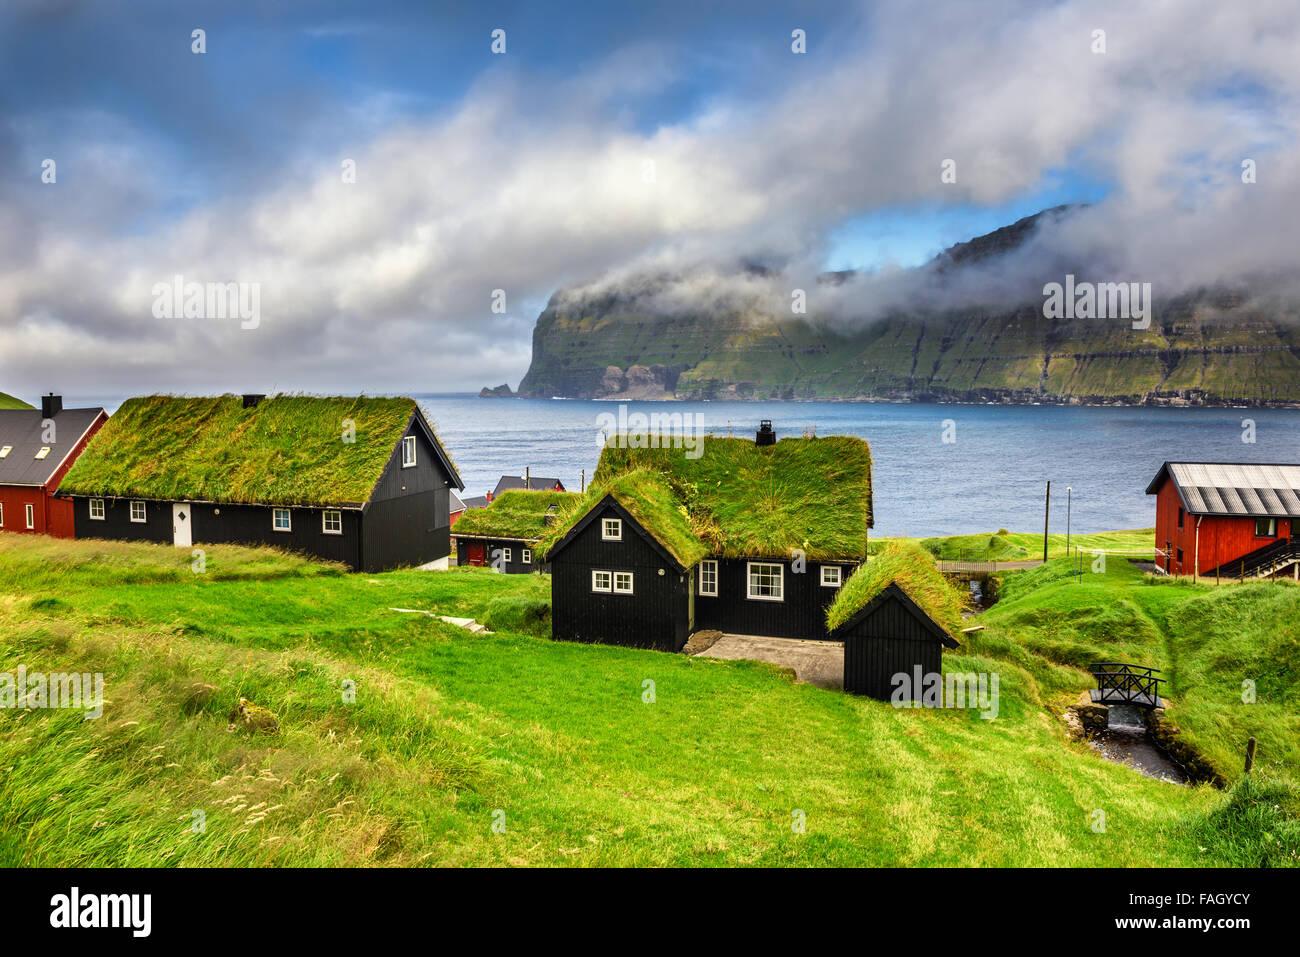 Dorf von Mikladalur befindet sich auf der Insel Kalsoy, Färöer, Dänemark Stockbild